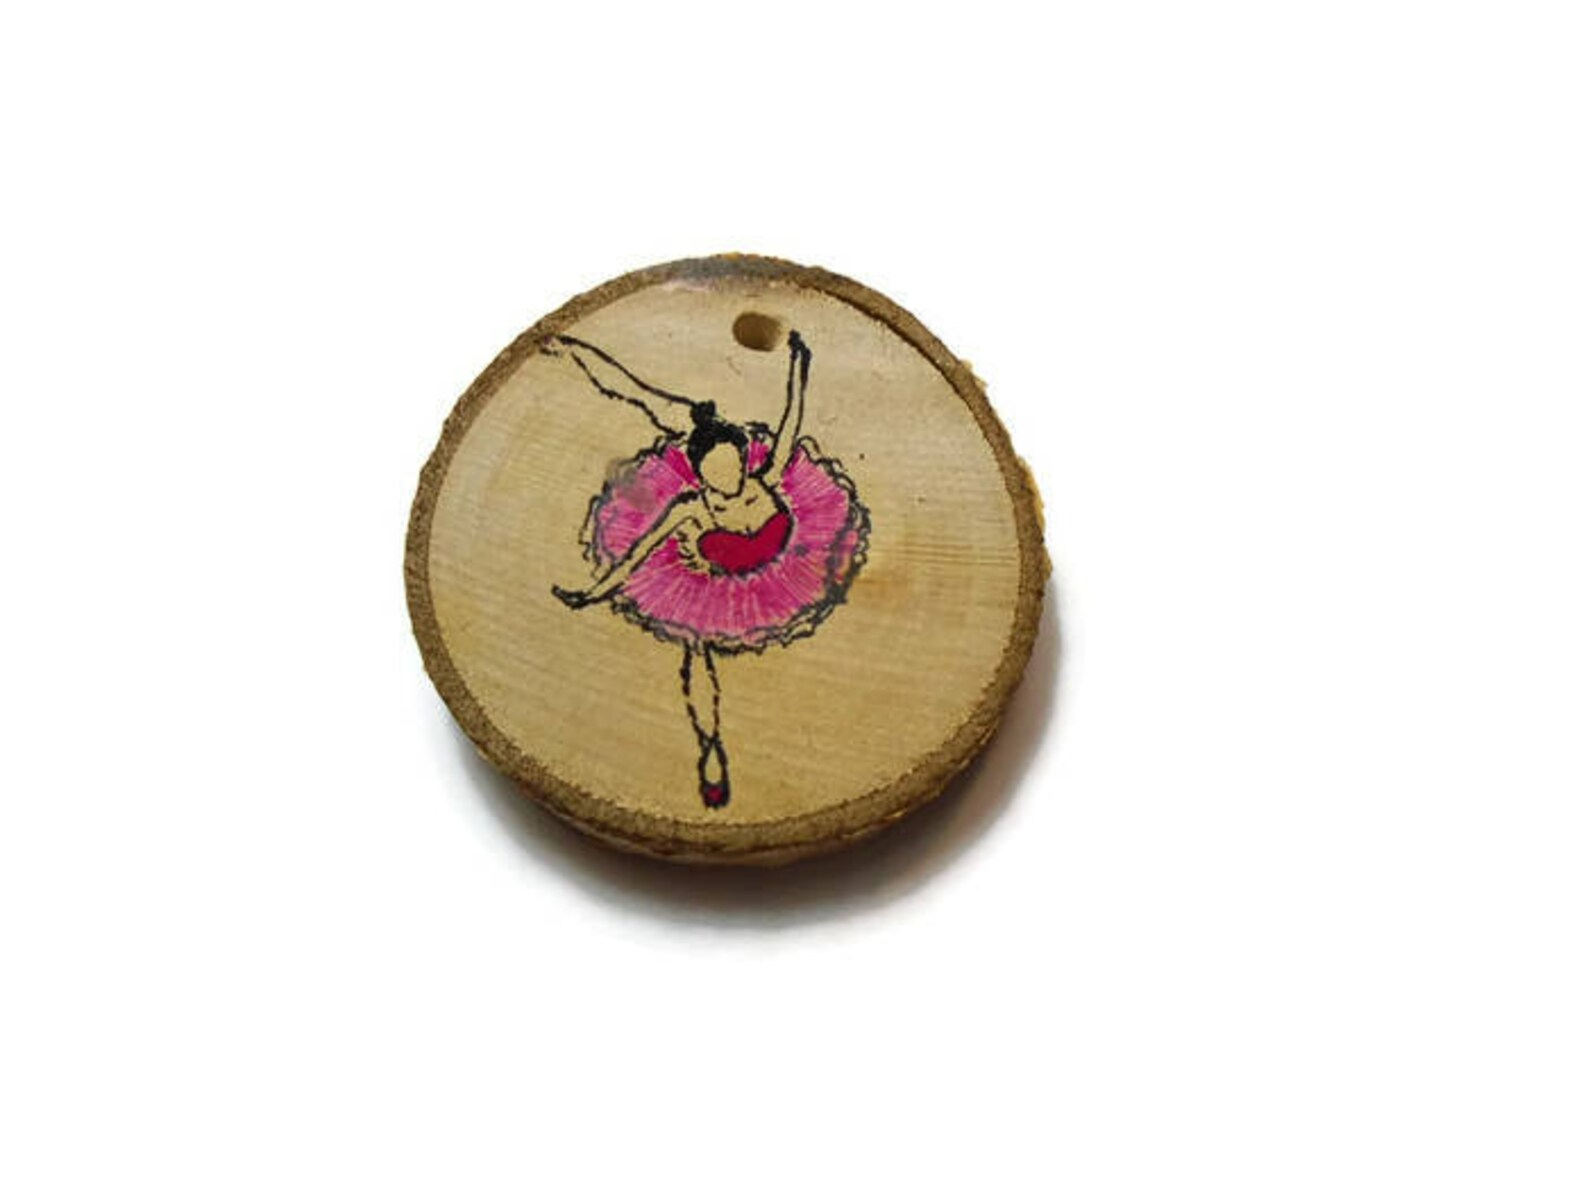 ballet dancer keychain - ballerina gift - wooden ballet dancer - ballet love - dancer gift - ballet shoes - ballet slippers - po